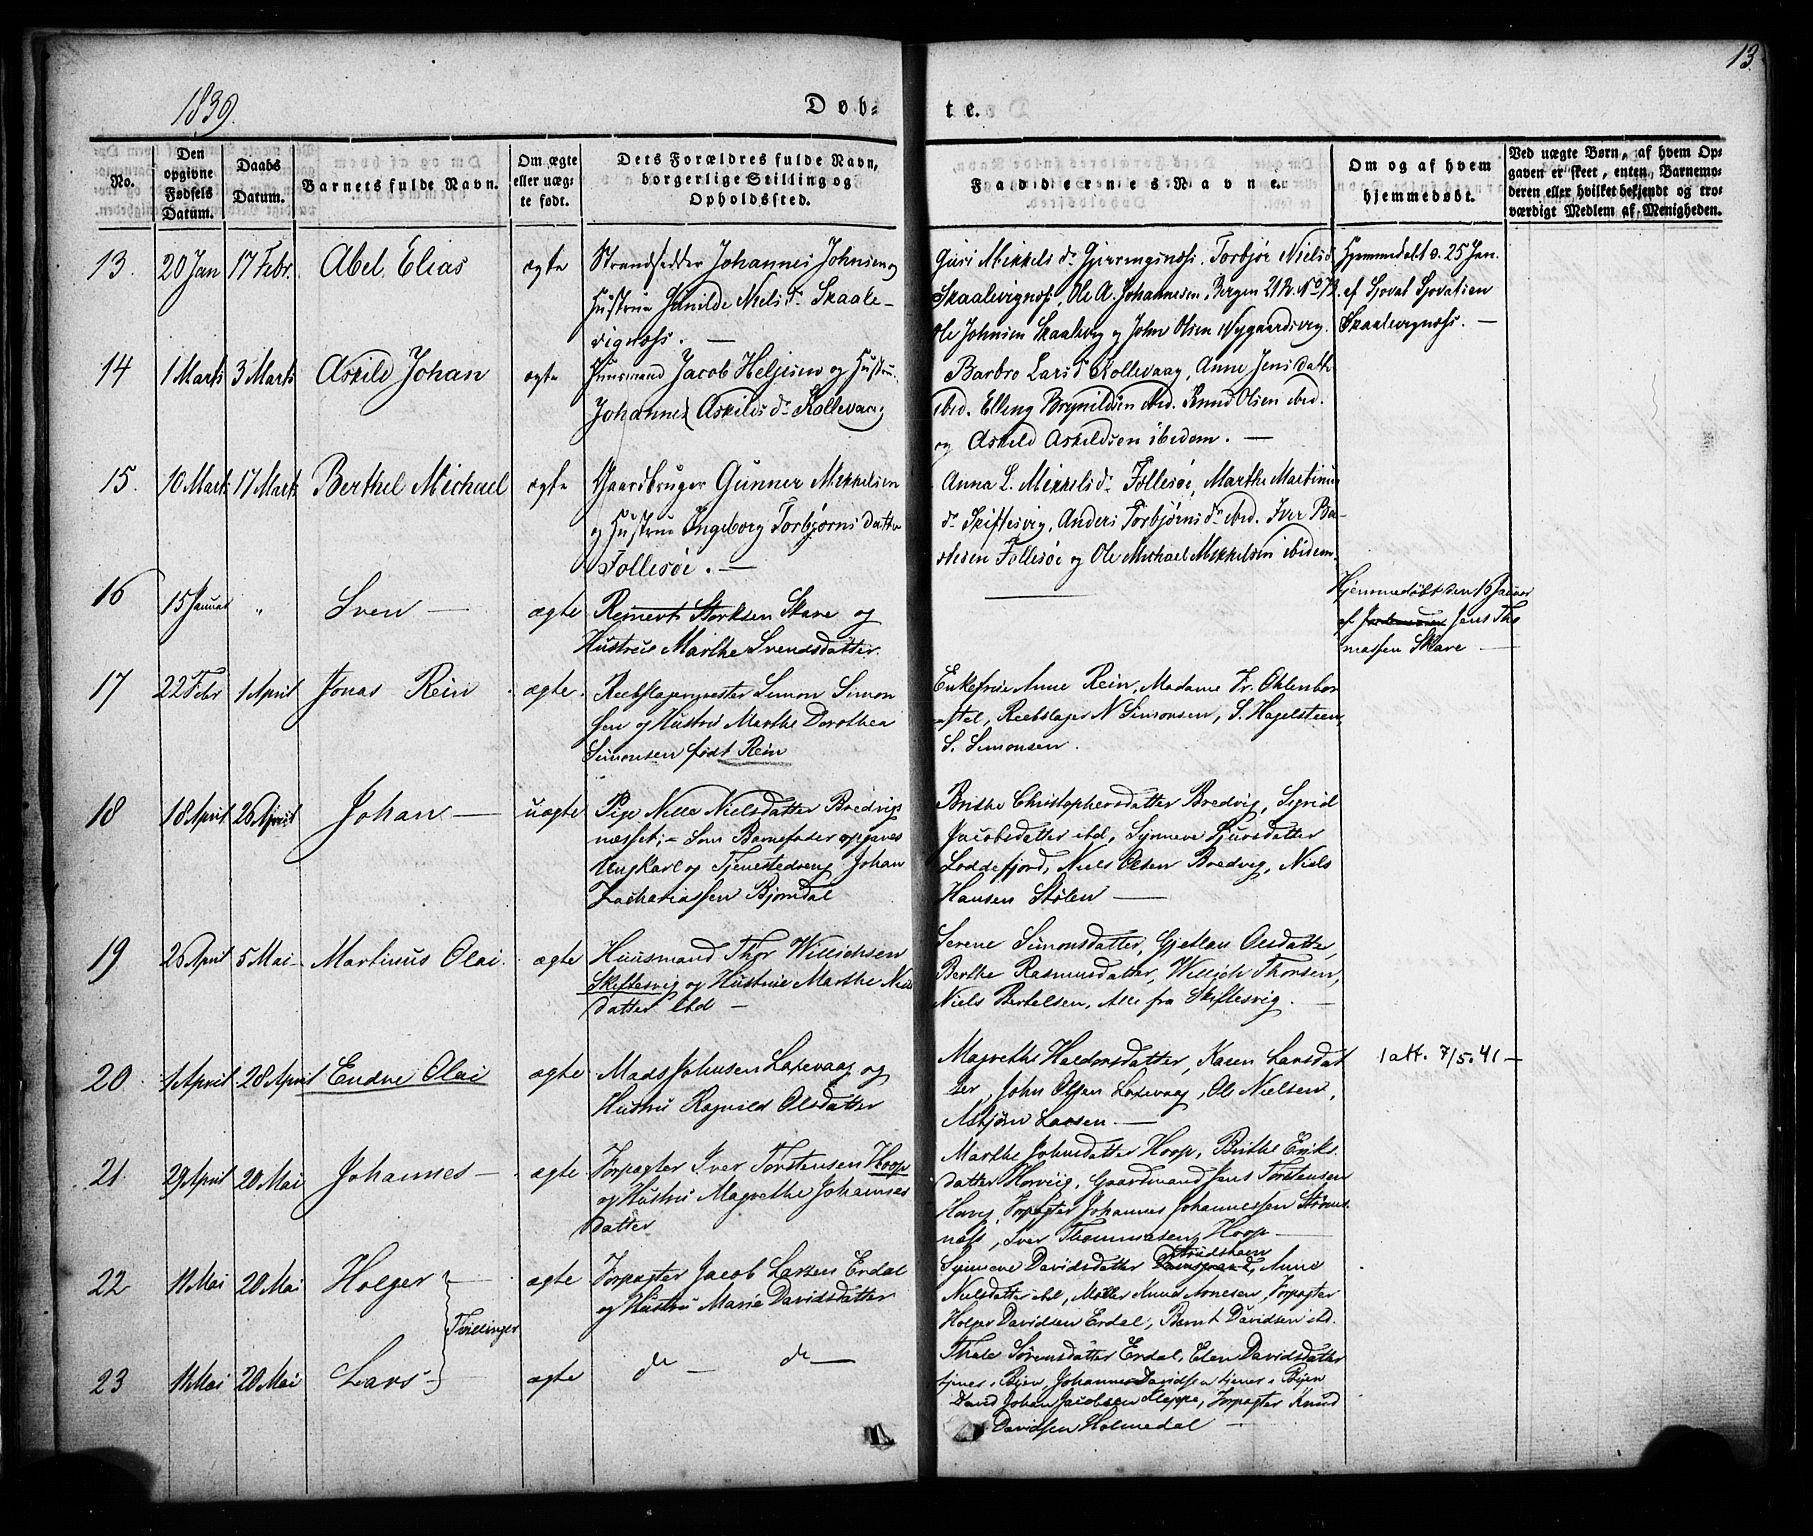 SAB, Askøy Sokneprestembete, H/Ha/Haa/Haaa/L0005: Ministerialbok nr. A 5, 1836-1852, s. 13